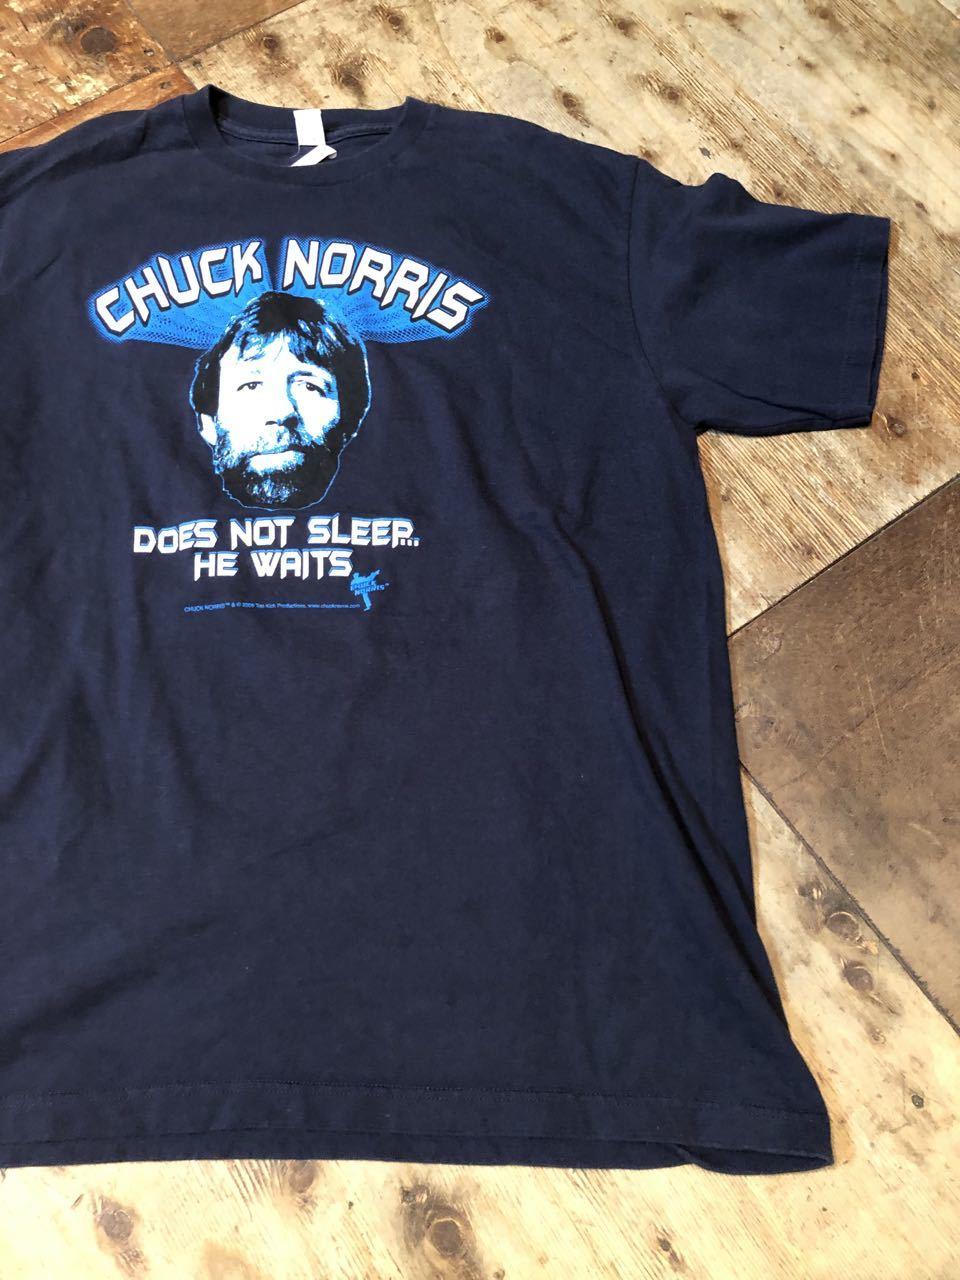 CHUCK NORRIS  チャックノリス Tシャツ!_c0144020_14005757.jpg